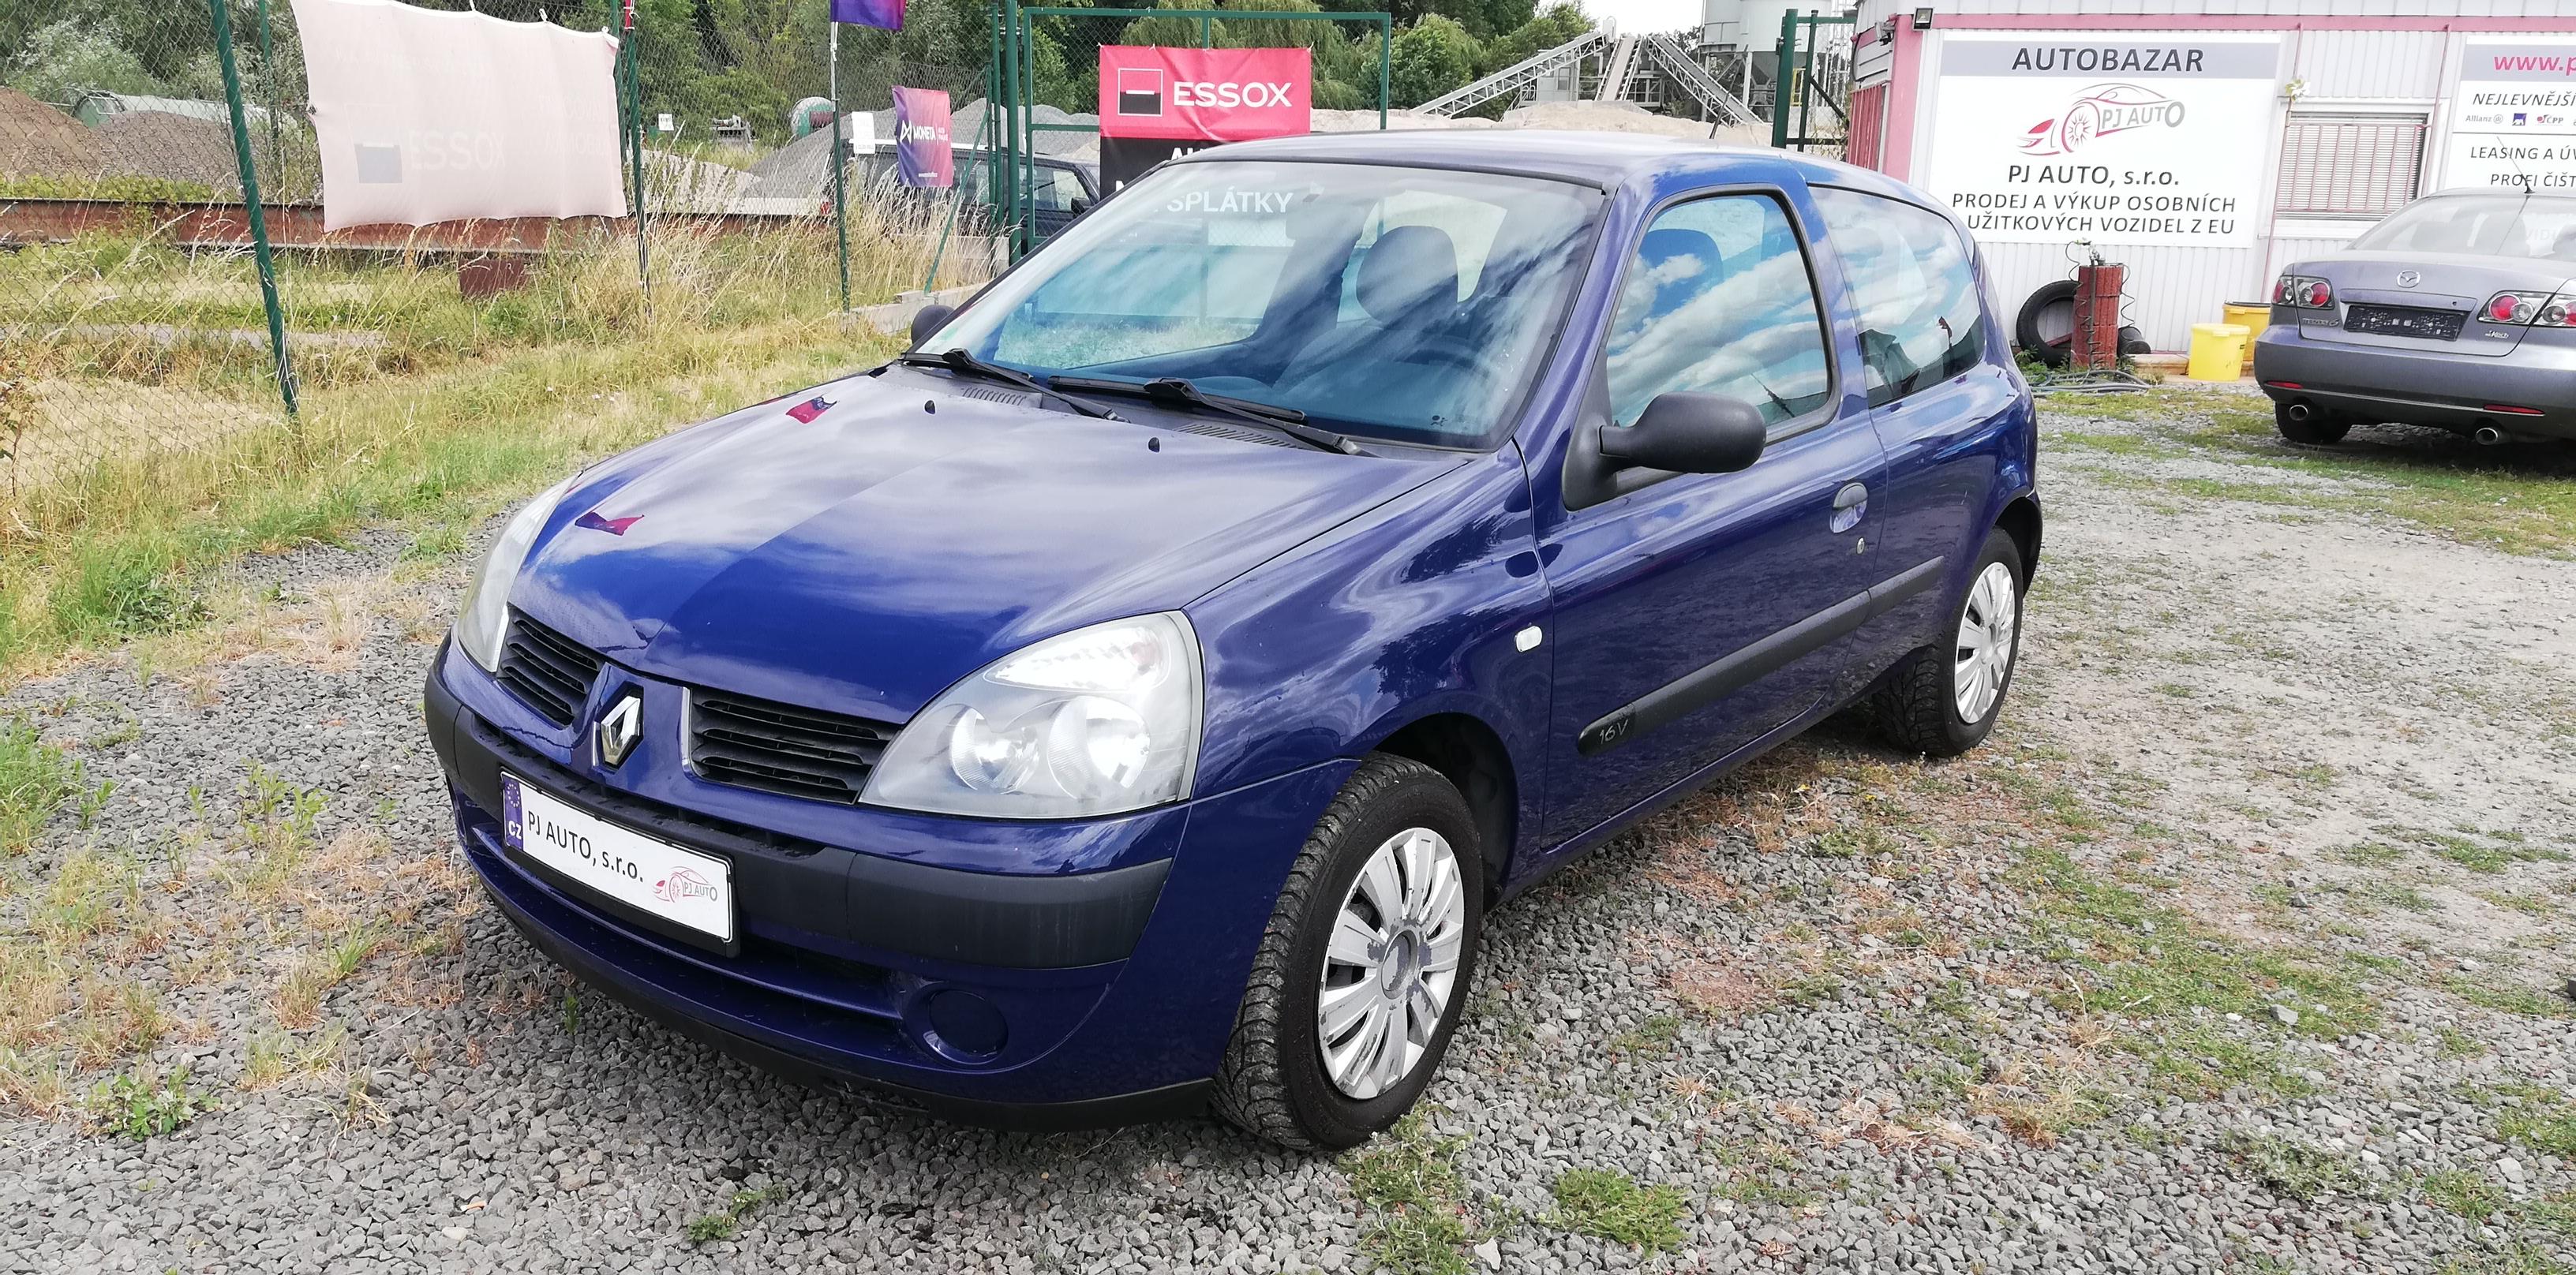 Renault Clio 1.216V 55kW Campus, Klima,Servo,el. okna